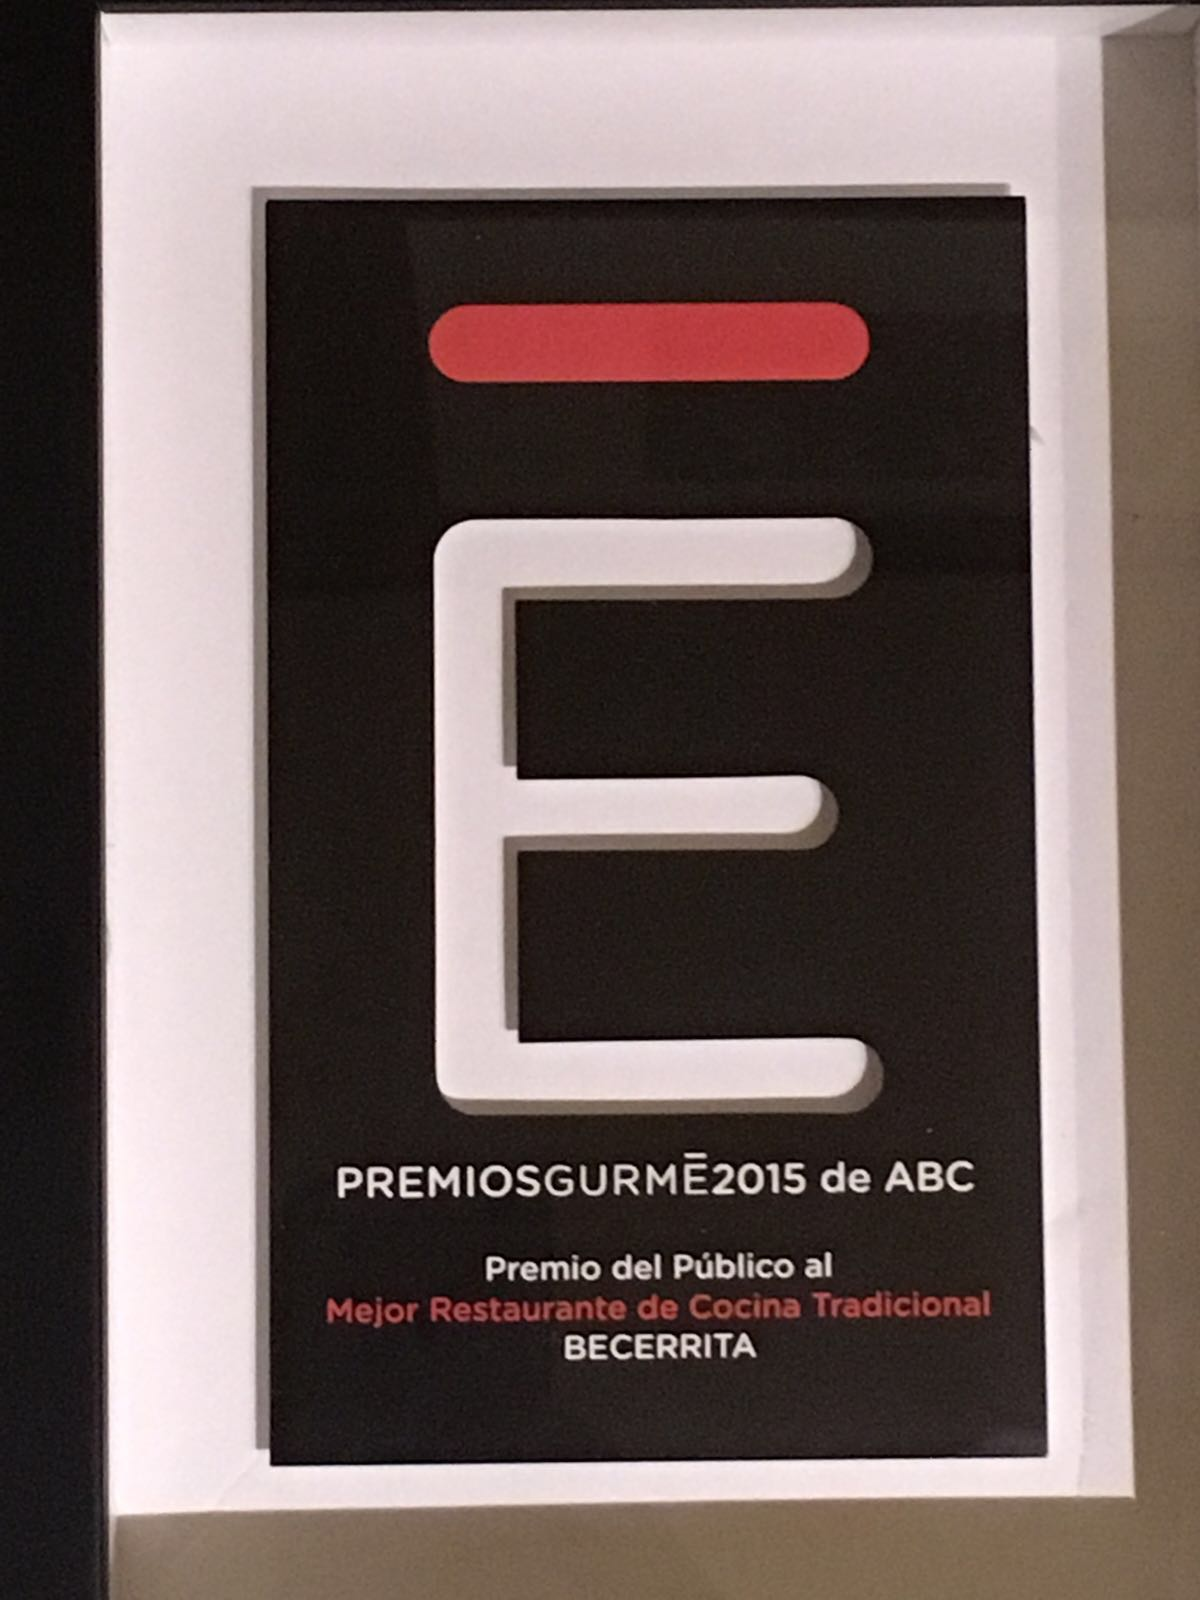 premios-gurme-2015-becerrita